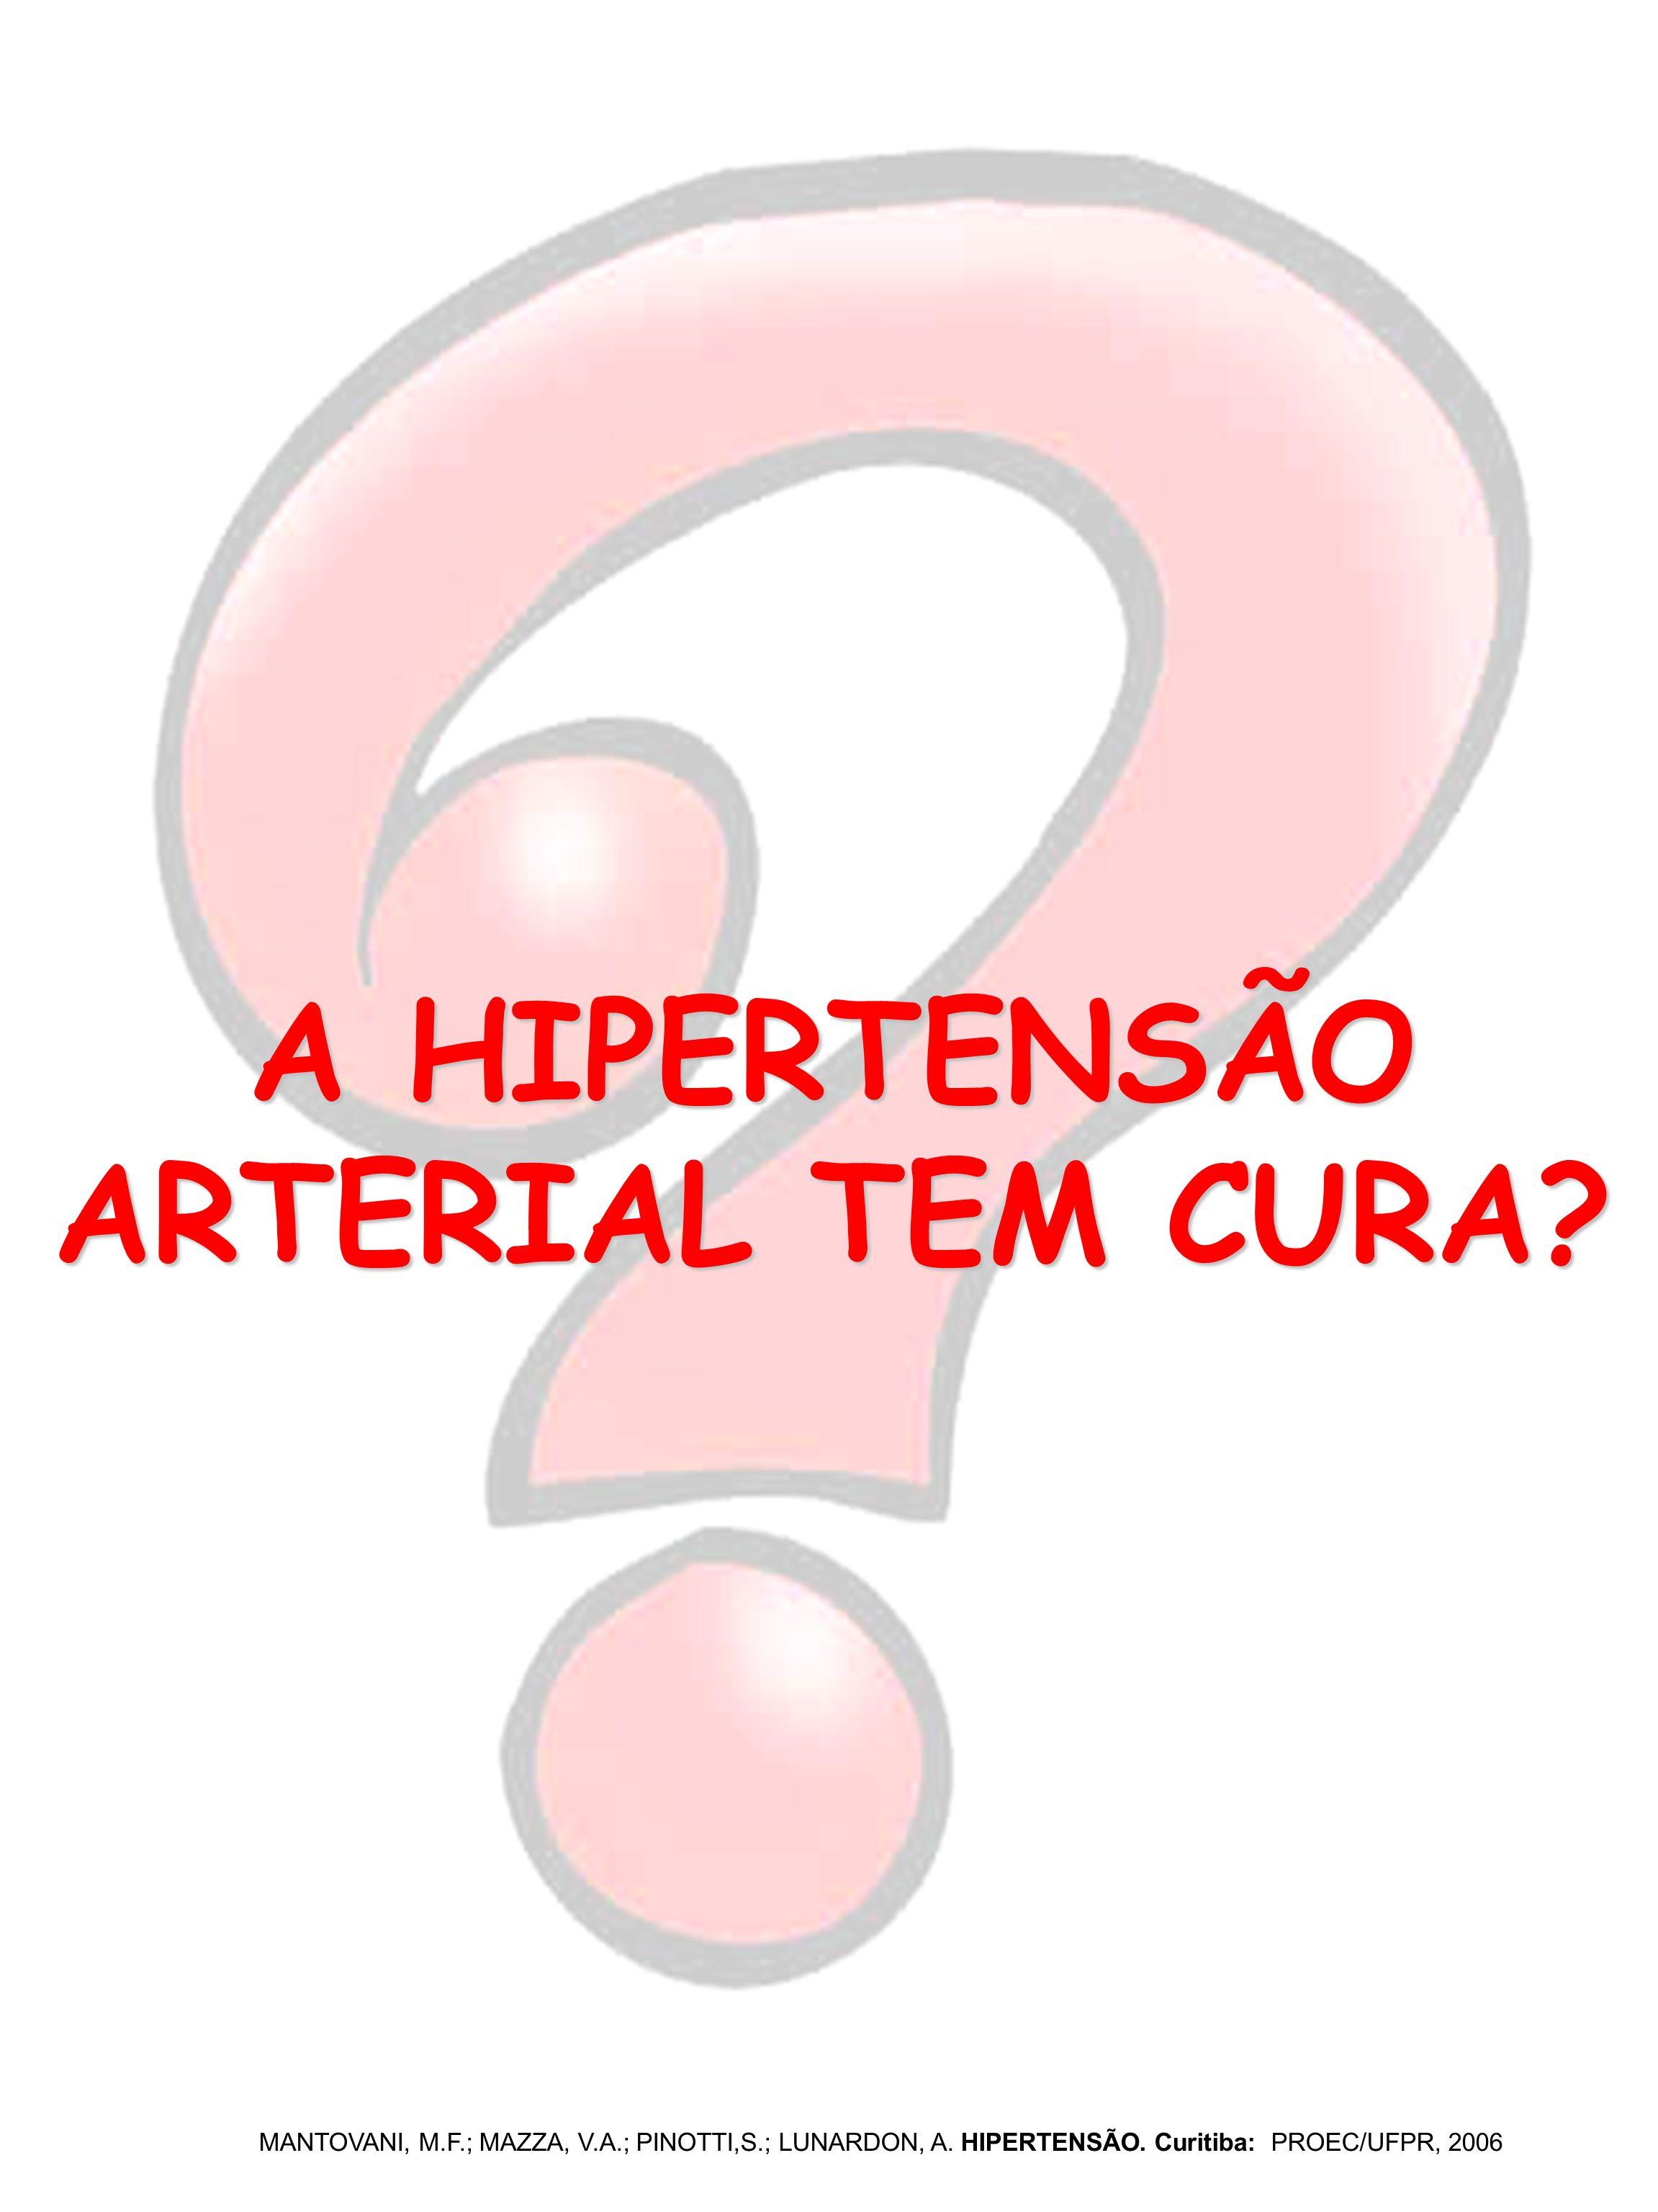 A HIPERTENSÃO ARTERIAL TEM CURA